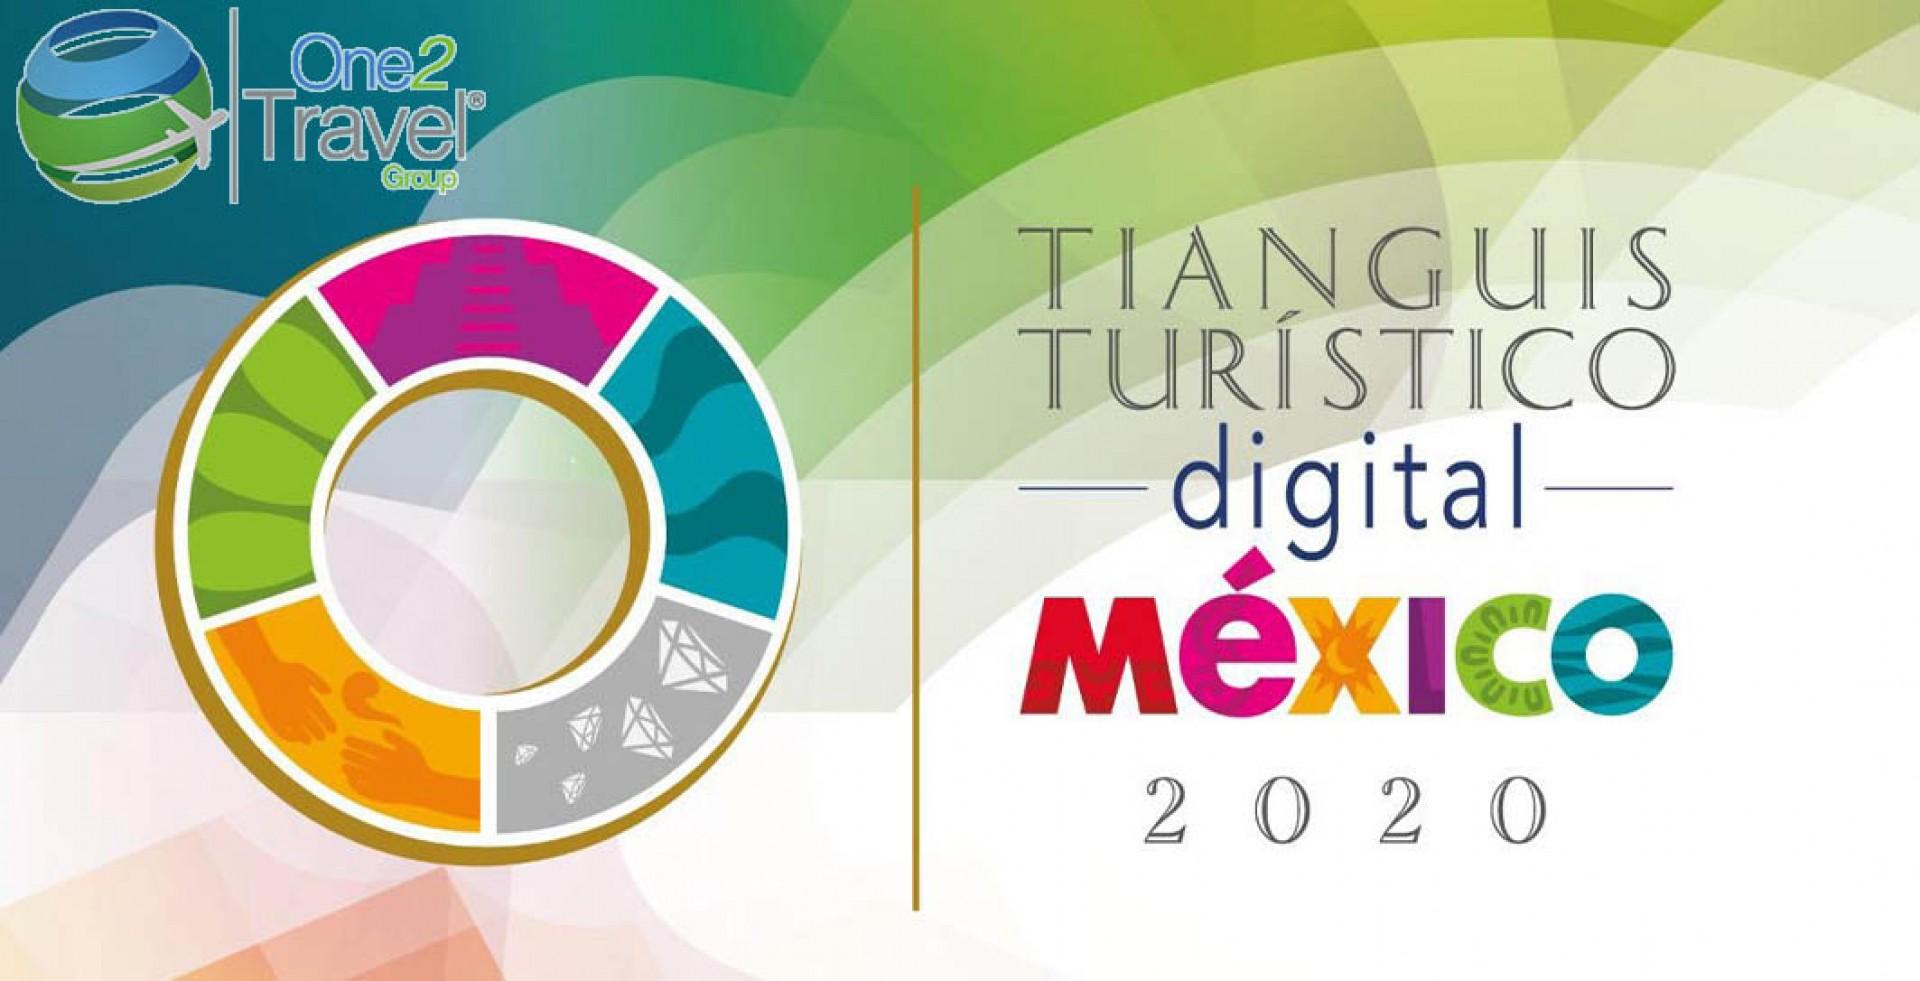 Tianguis Turístico Digital: pasar del miedo a la reactivación del turismo